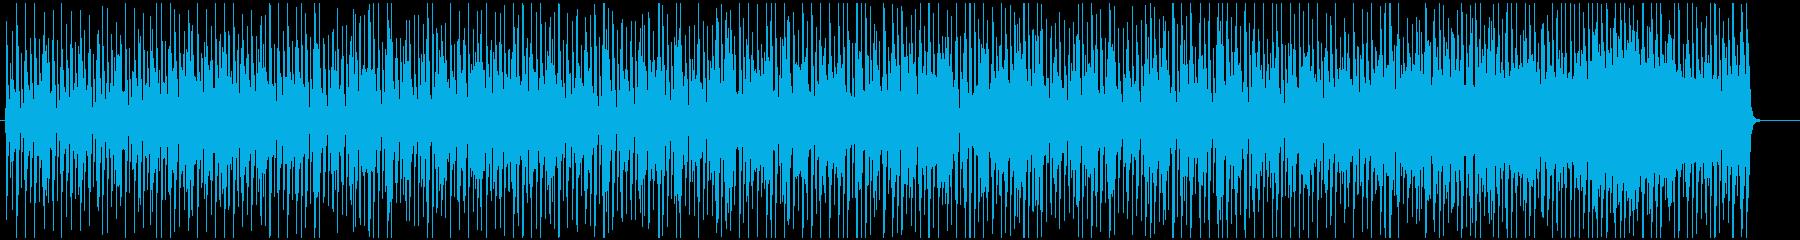 スウィングするポップなジャズブルースの再生済みの波形